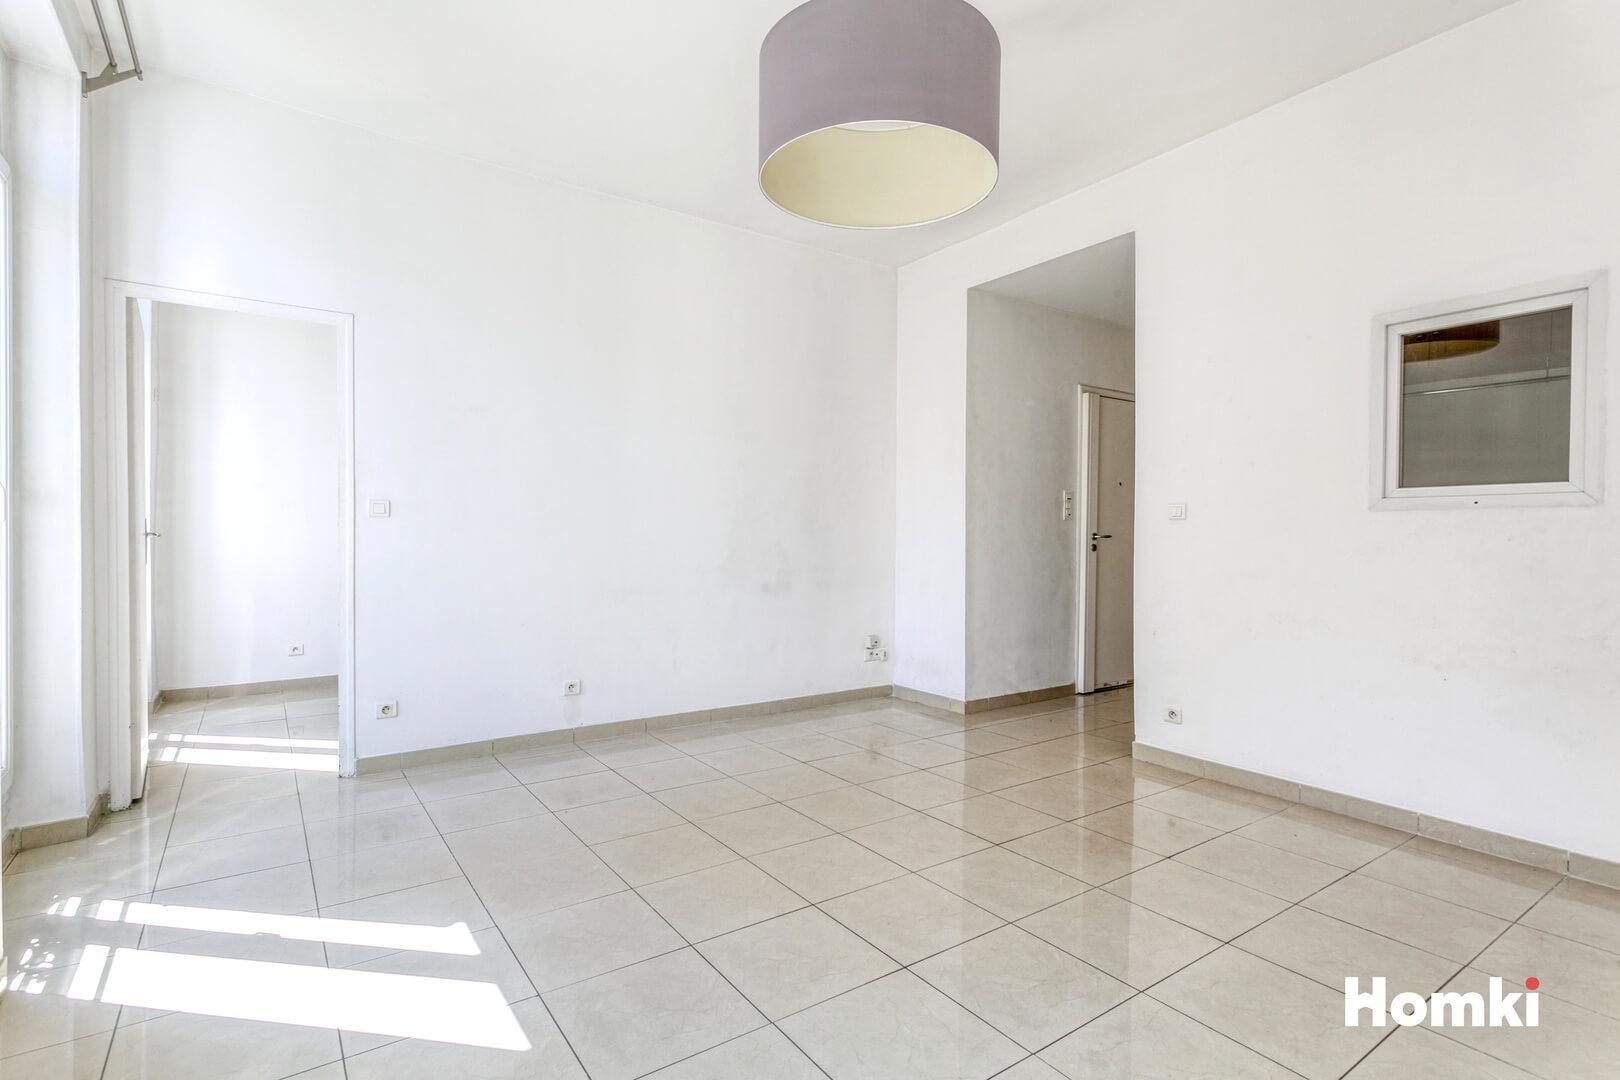 Homki - Vente Appartement  de 64.0 m² à Marseille 13006